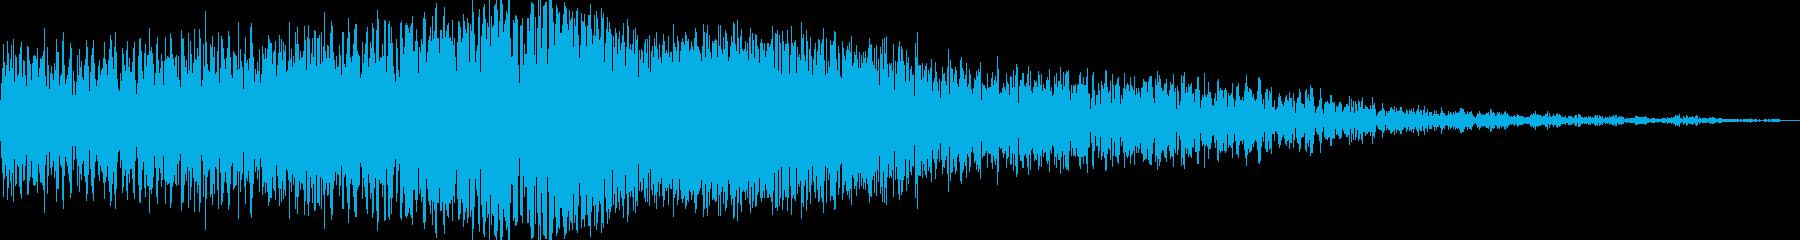 日本のゼロフライバイの再生済みの波形